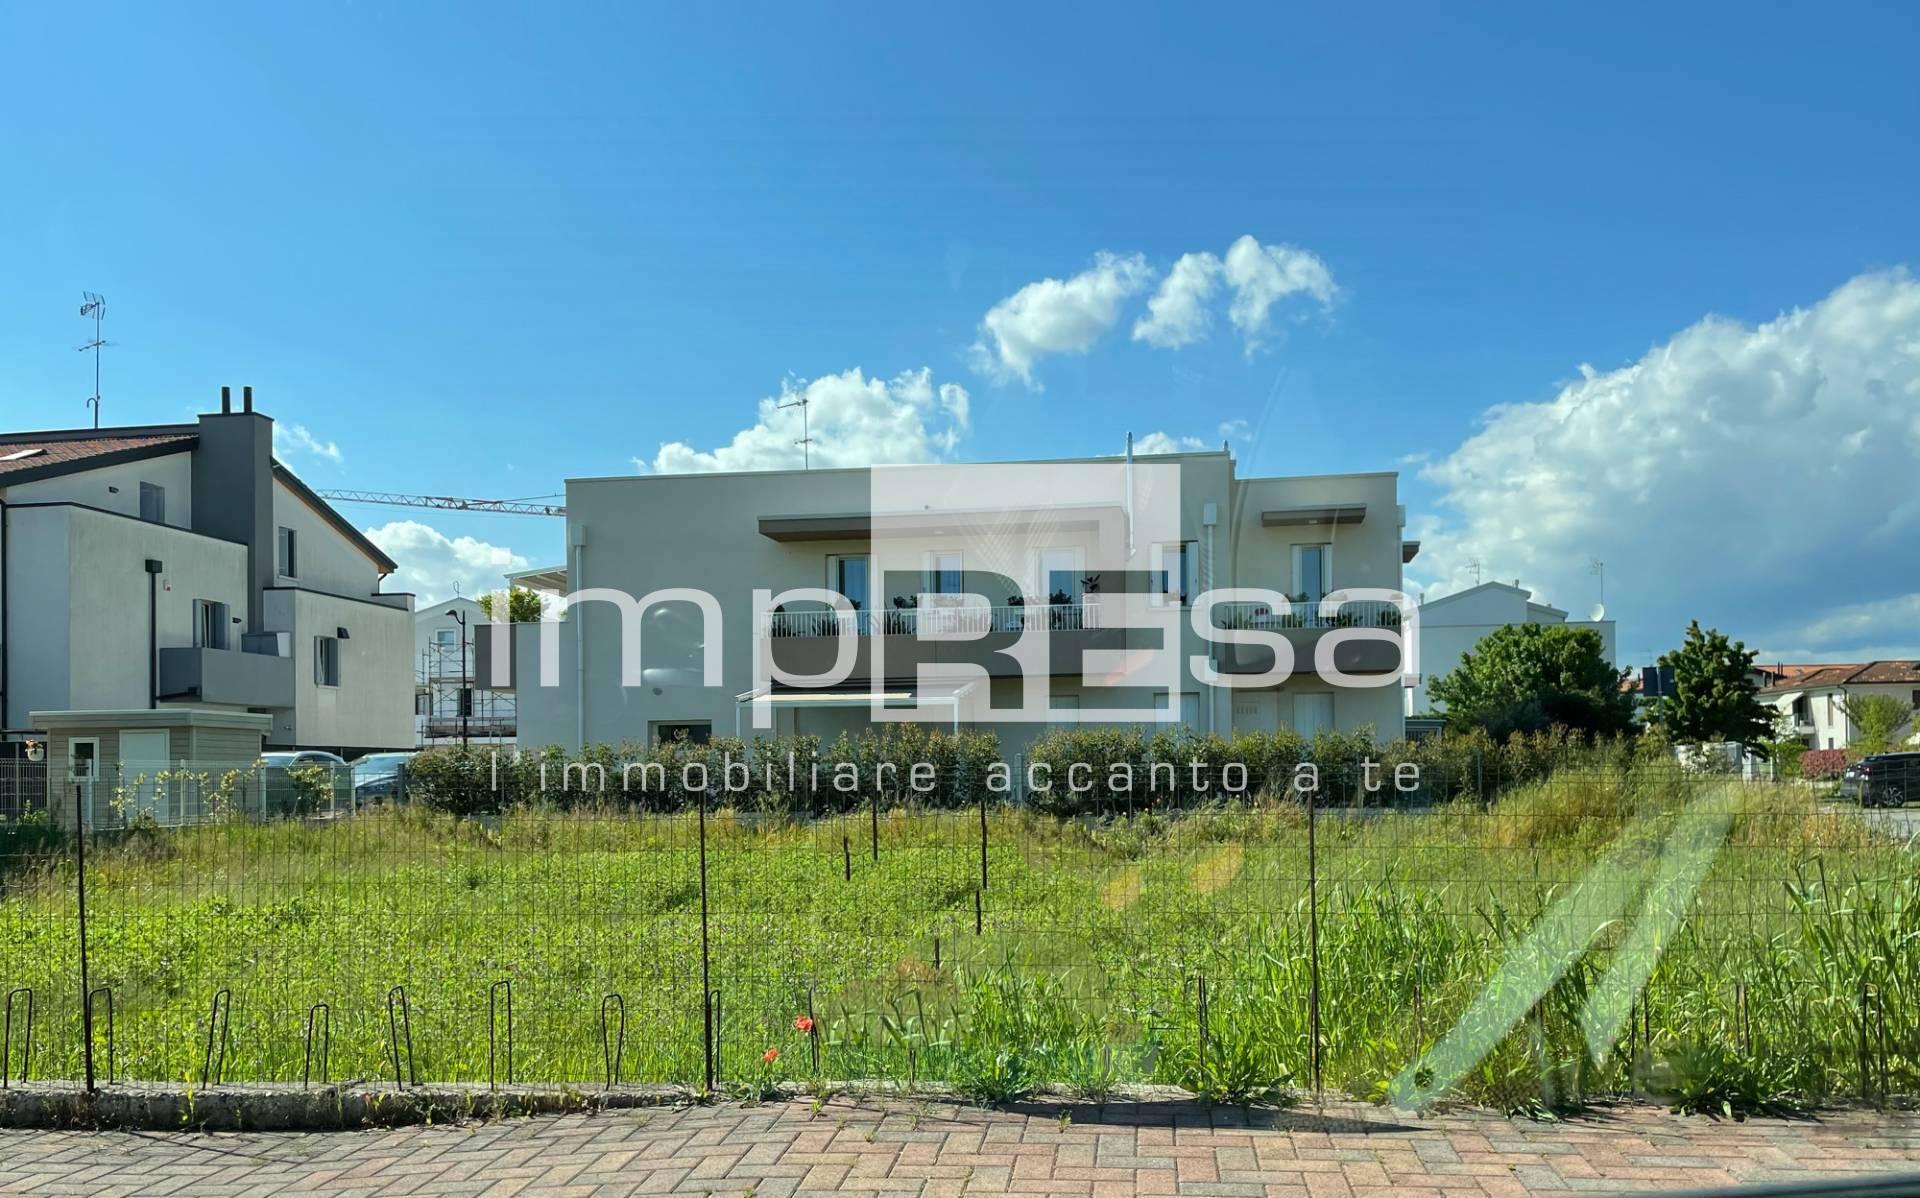 Terreno Edificabile Residenziale in vendita a Casale sul Sile, 9999 locali, prezzo € 130.000   CambioCasa.it